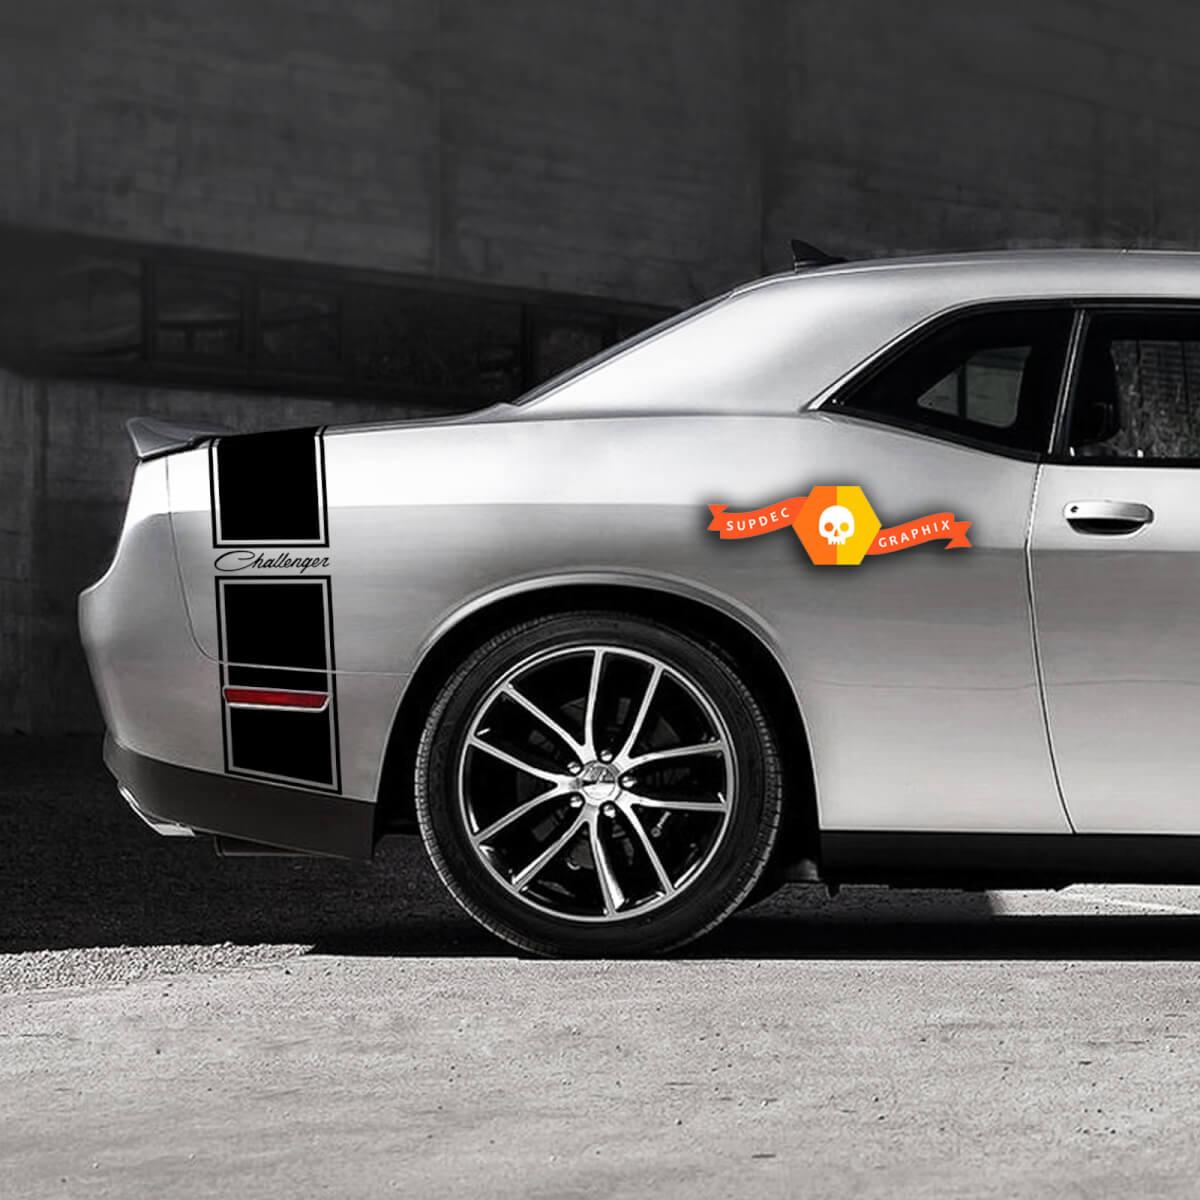 Dodge Challenger Retro Schwanzband Aufkleber Aufkleber Grafiken passt zu Modellen